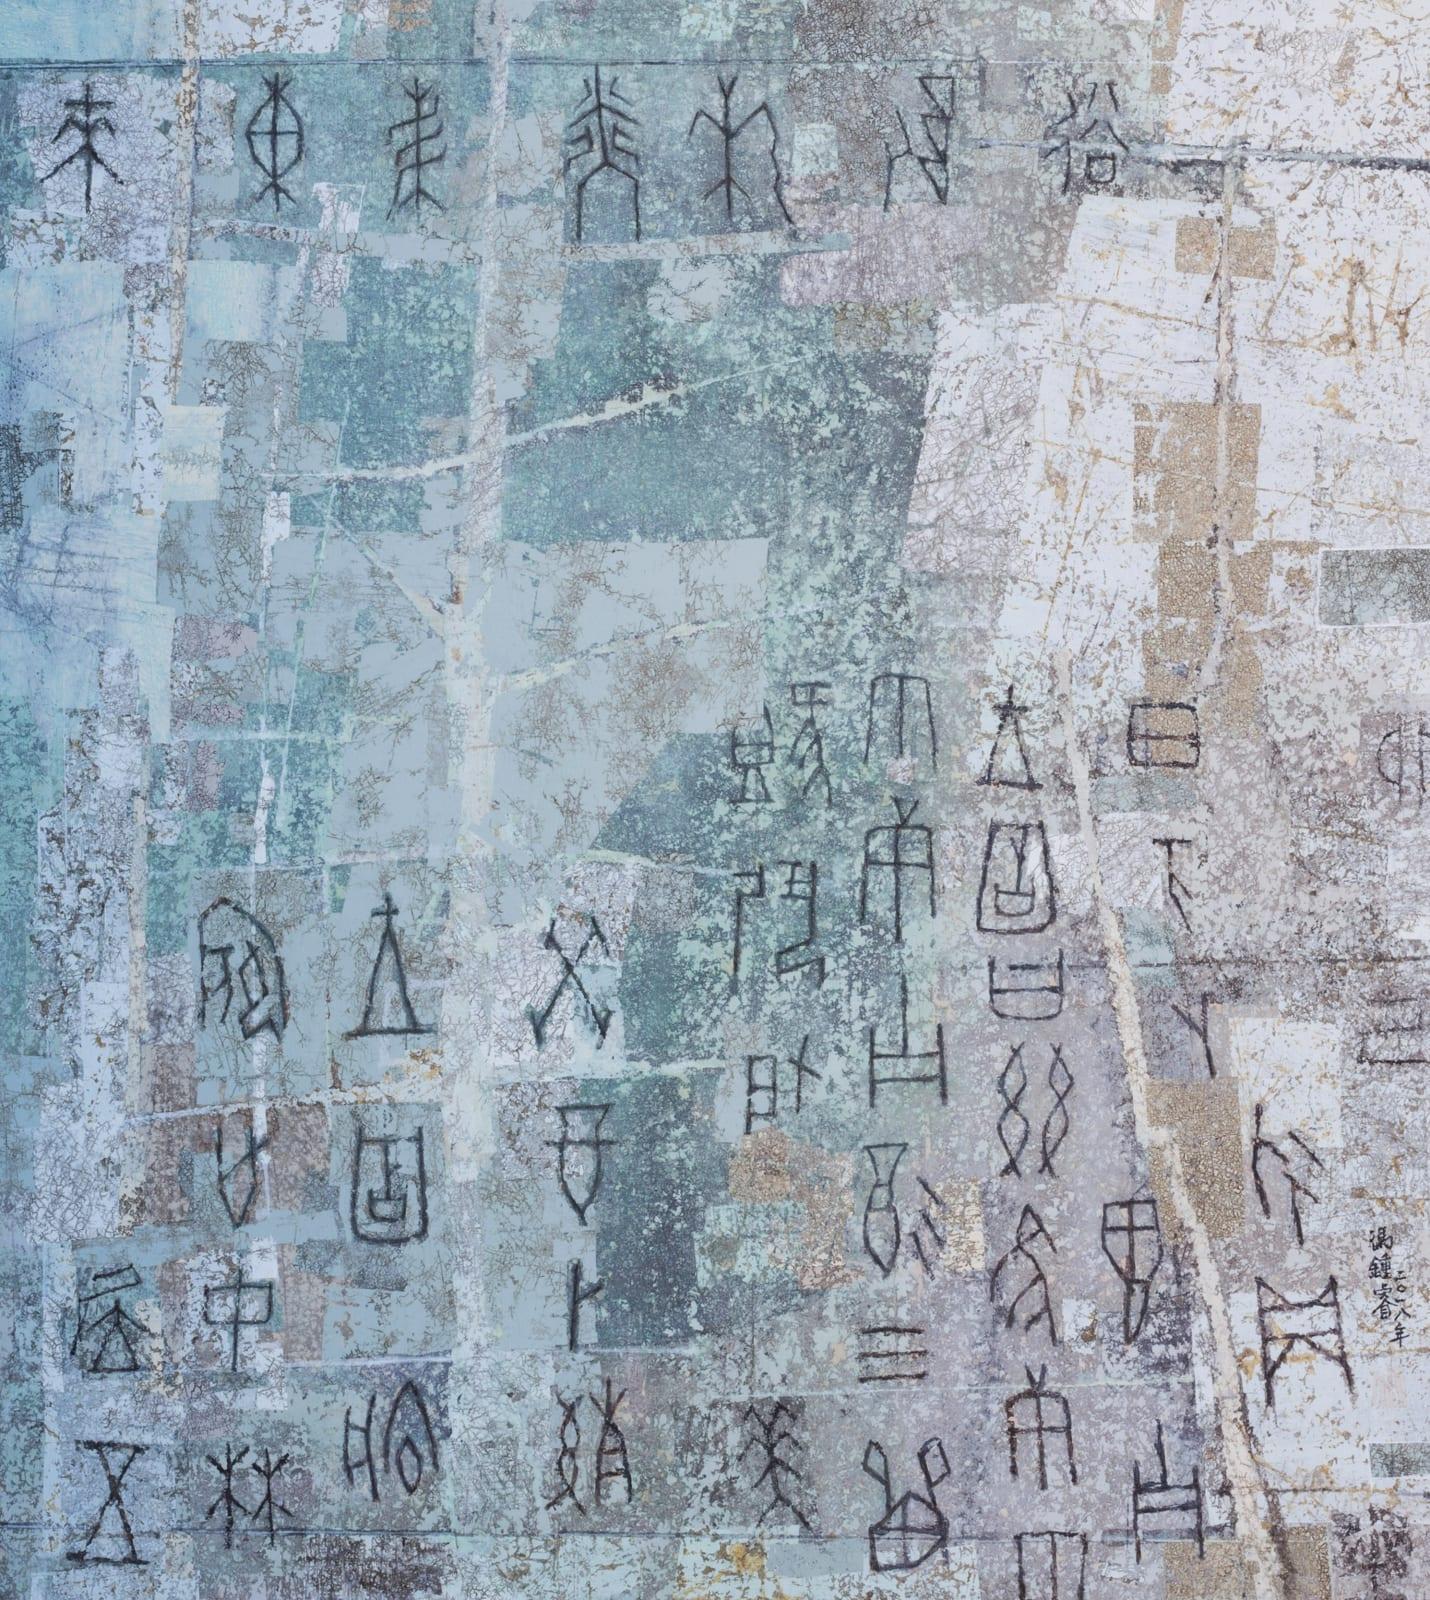 Fong Chung-Ray 馮鍾睿, 2018-3-26, 2018